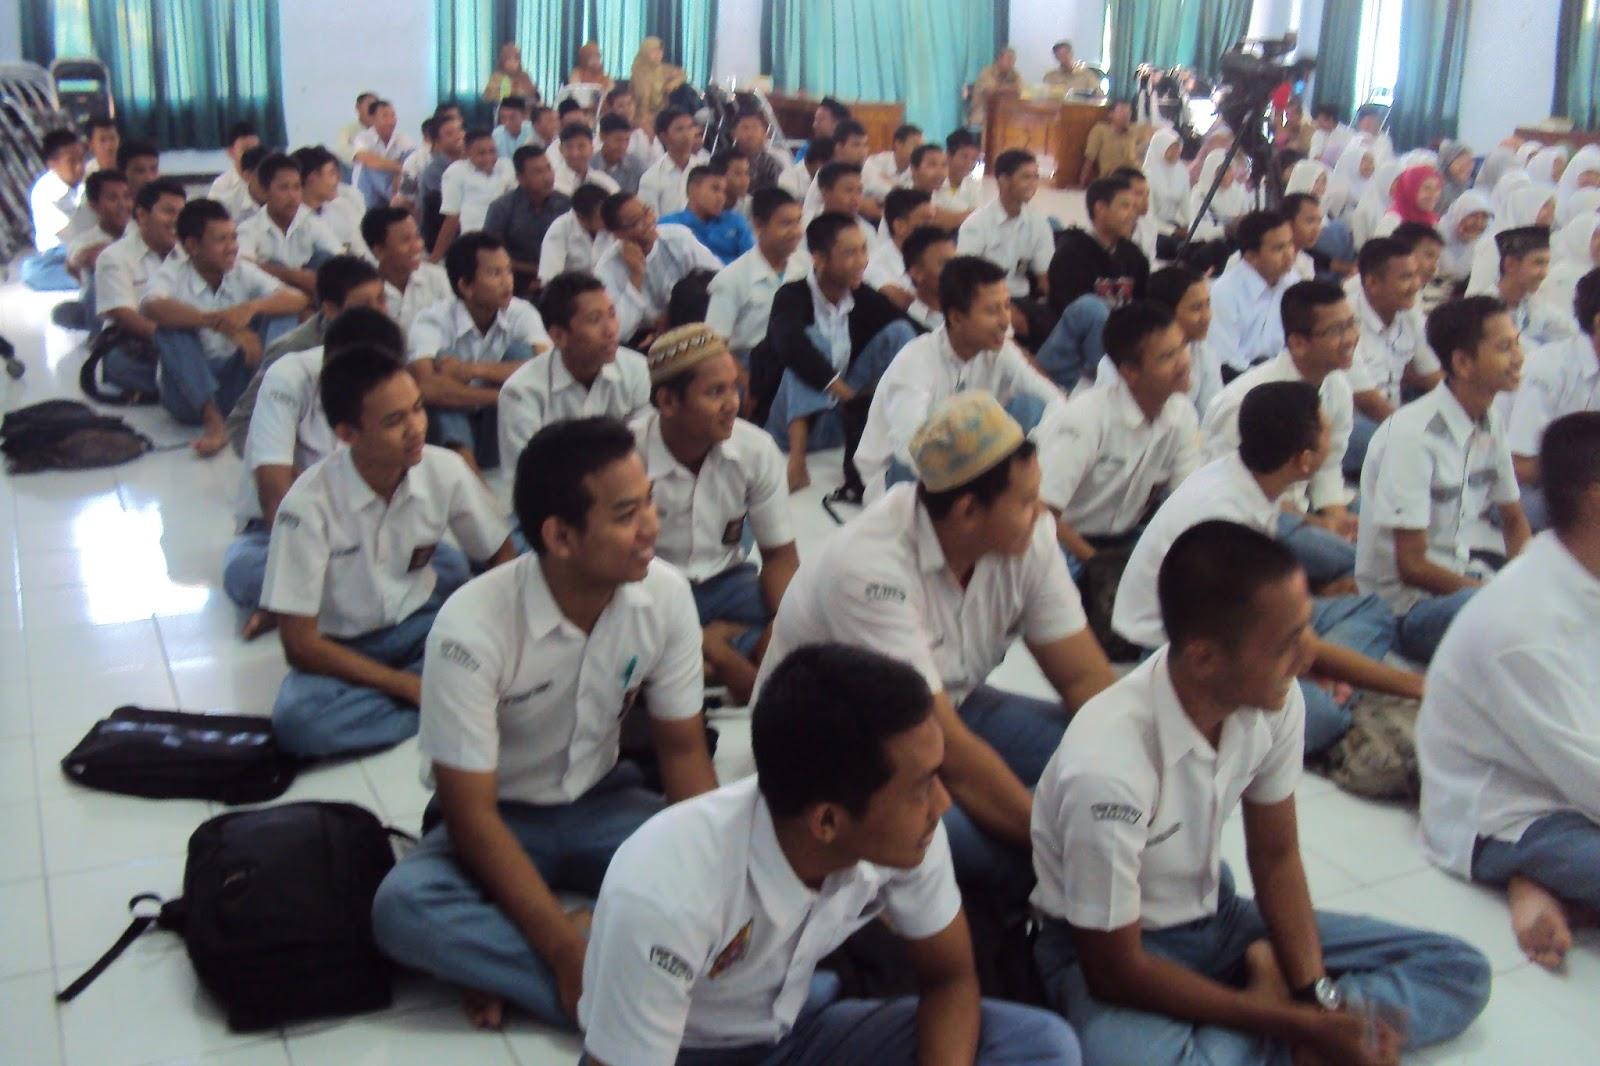 Latihan Soal Un Bahasa Inggris Smk 2013 Toni Comara